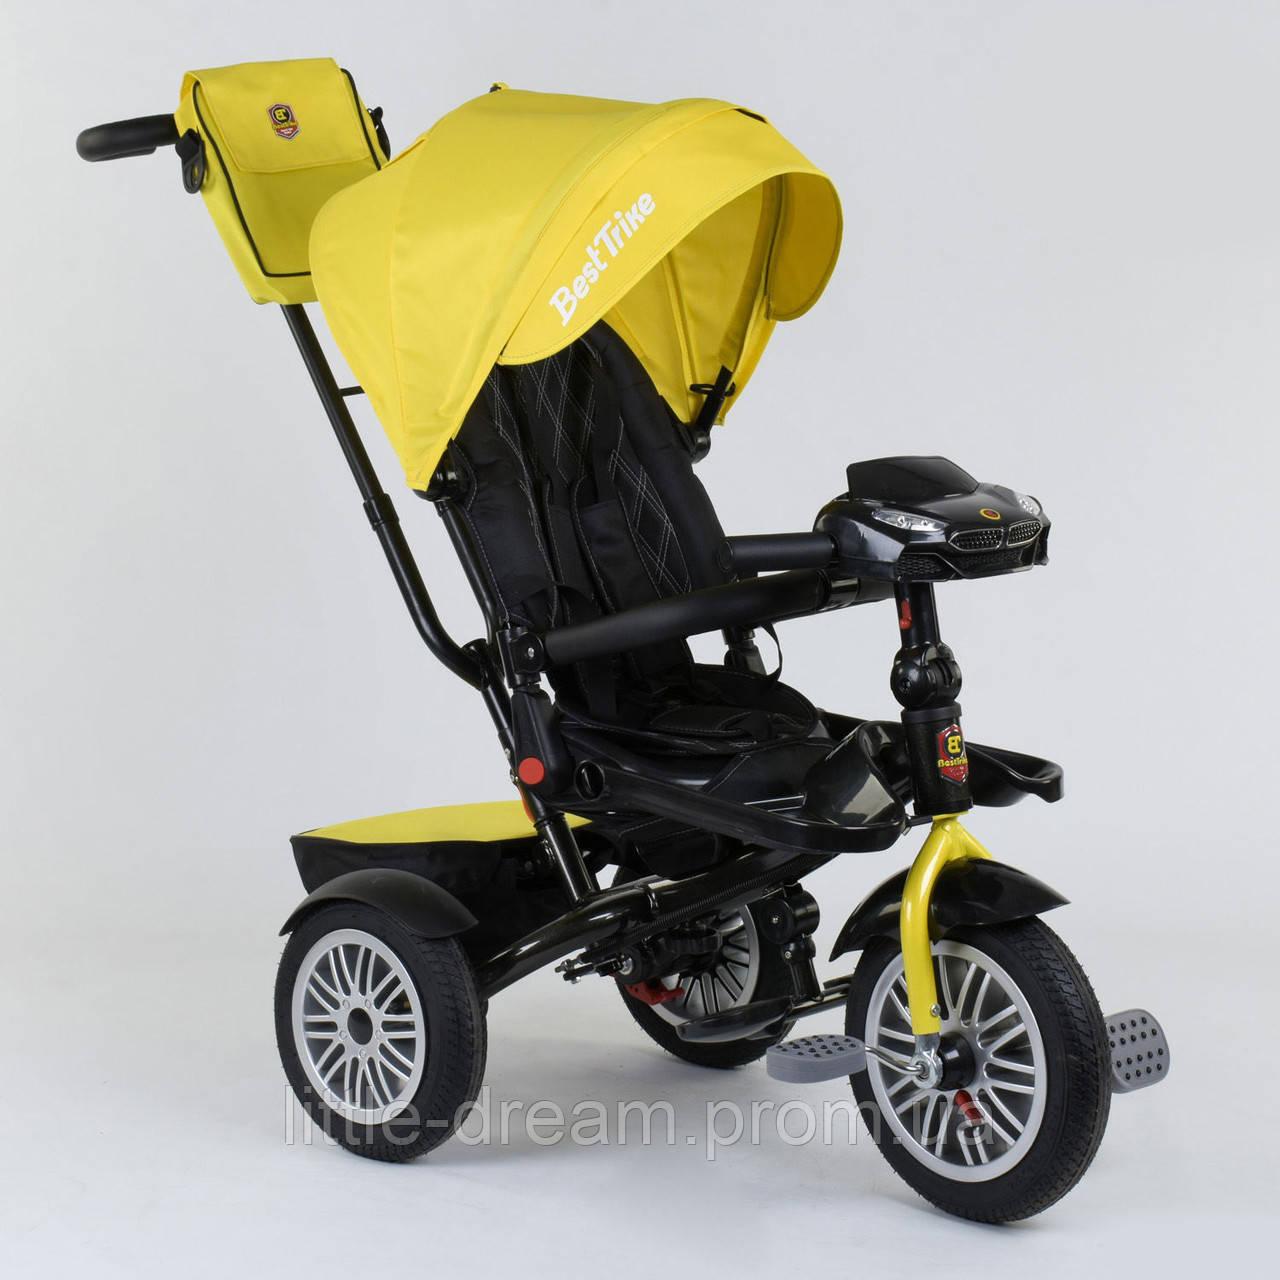 Велосипед 3-х колёсный Best Trike с поворотным сиденьем 9288 В - 4835, складной руль, русское озвучивание, надувные колеса, пульт включения света и